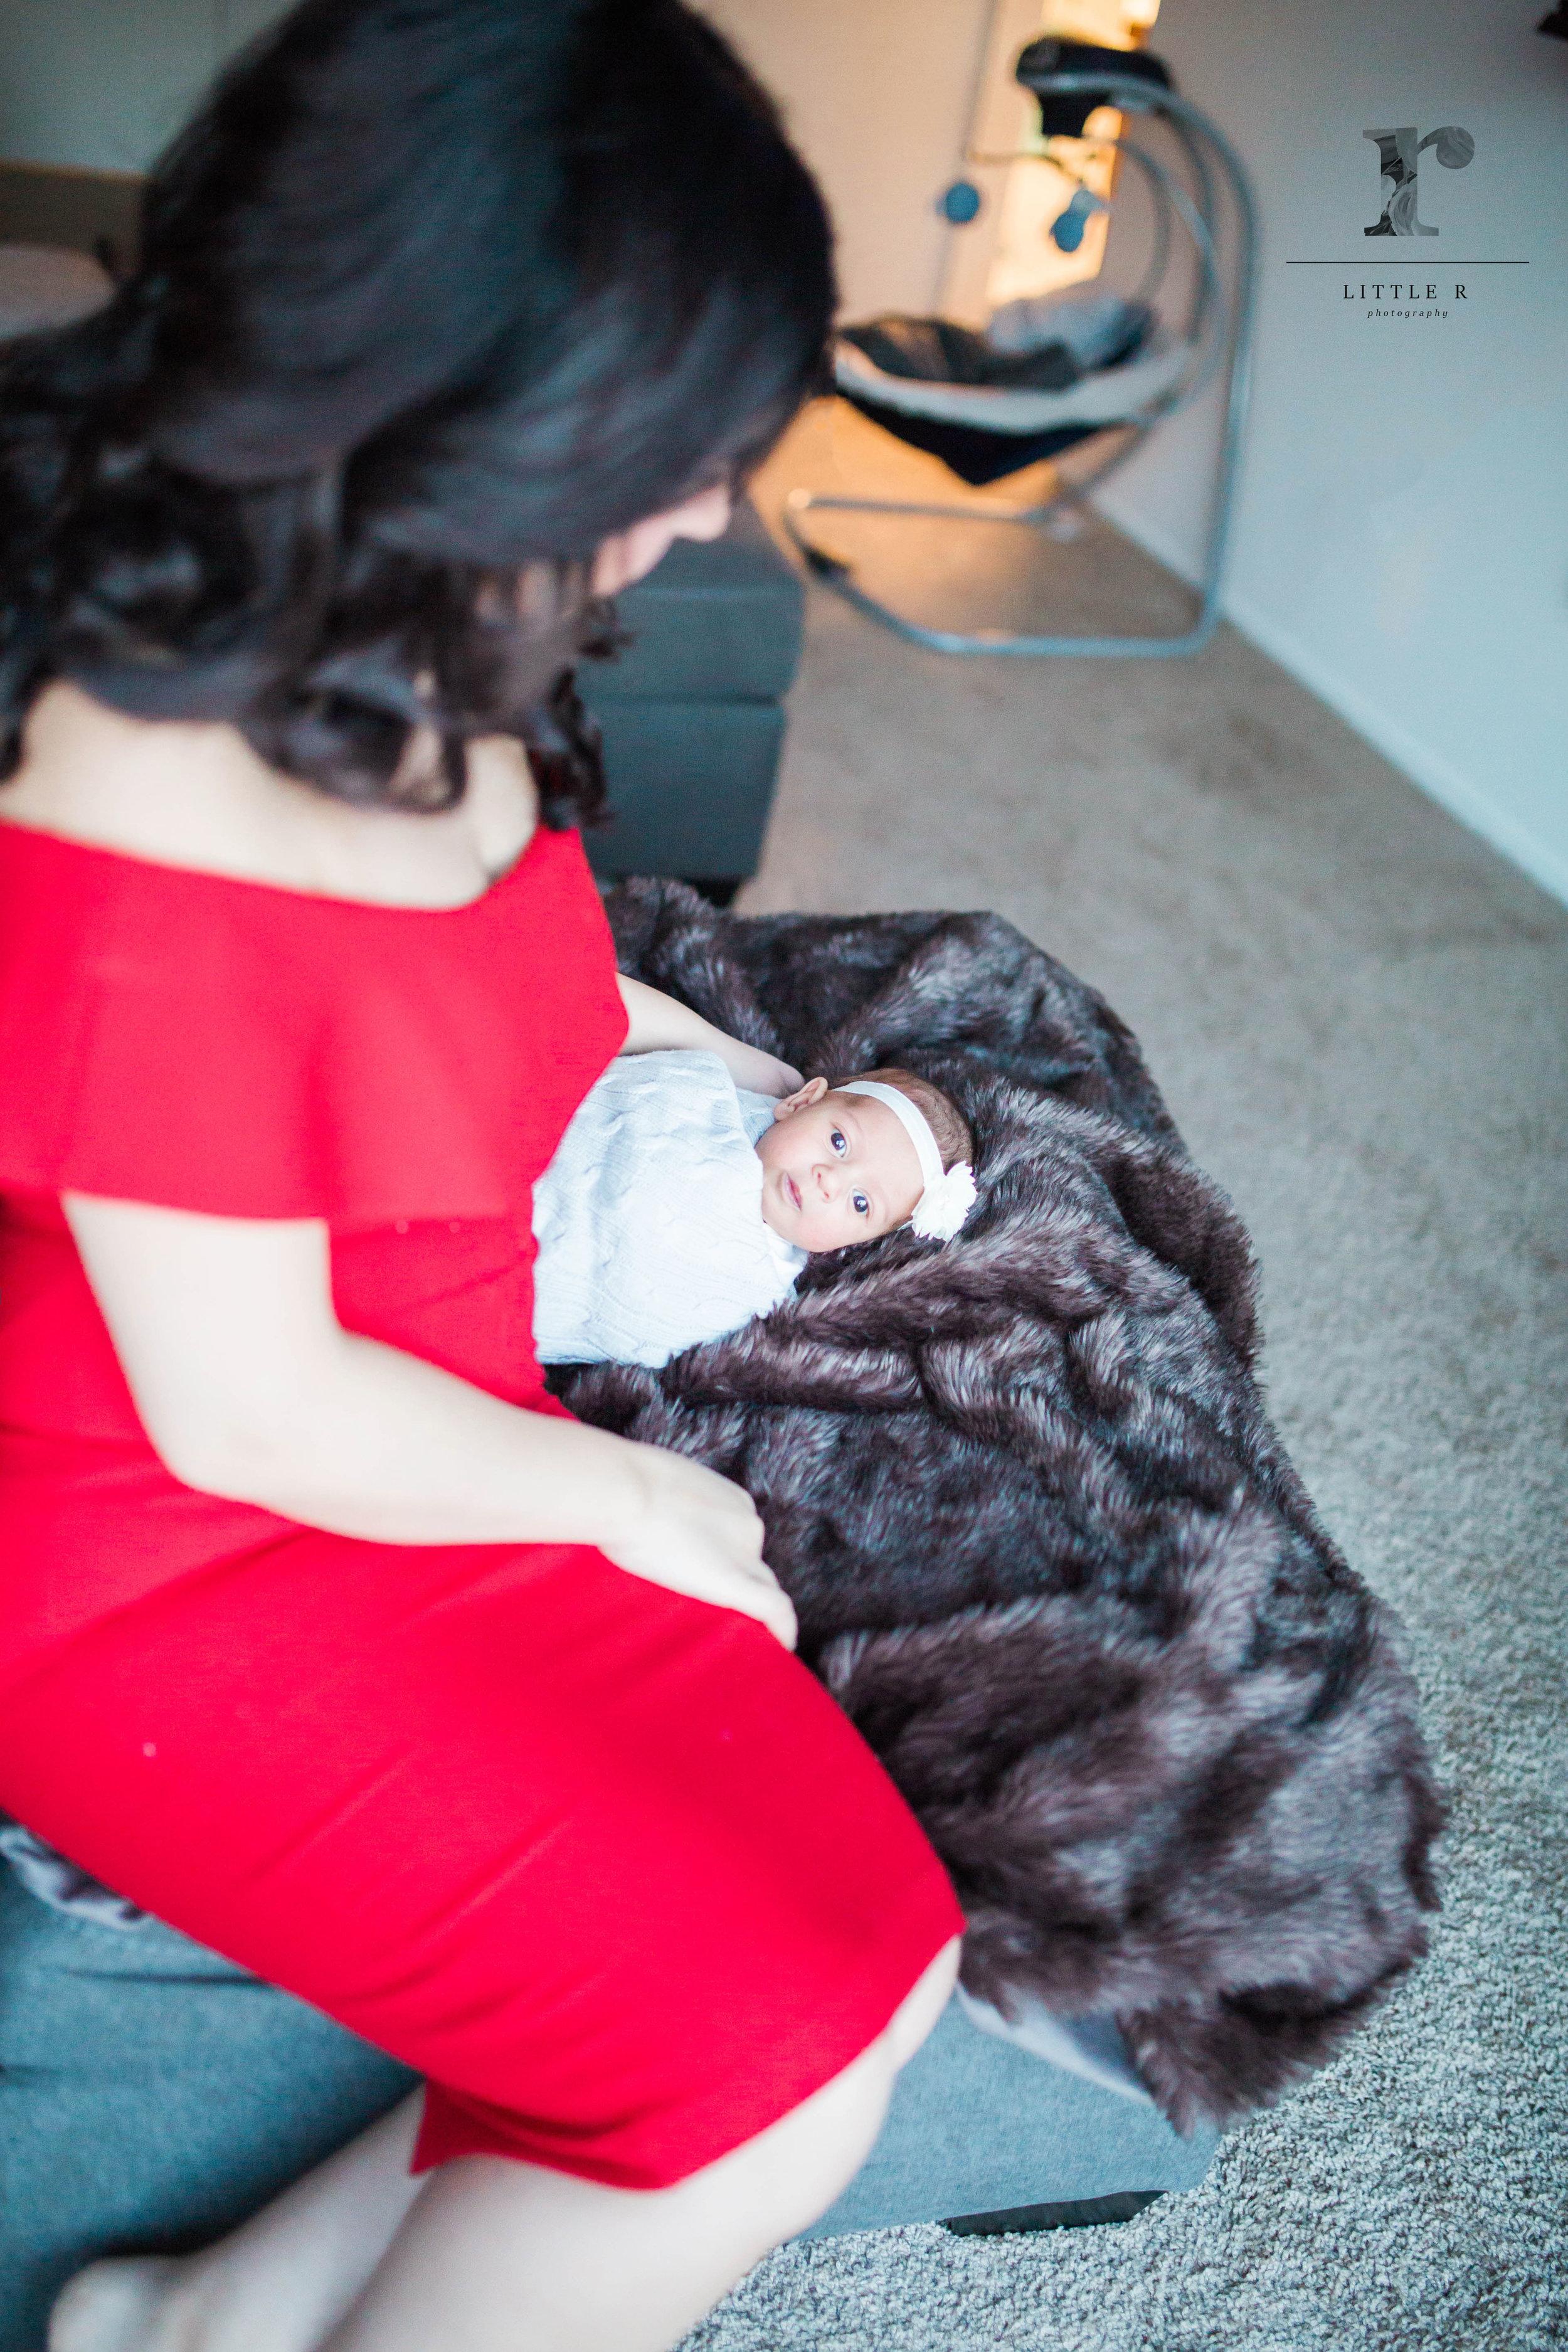 Newborn awake baby